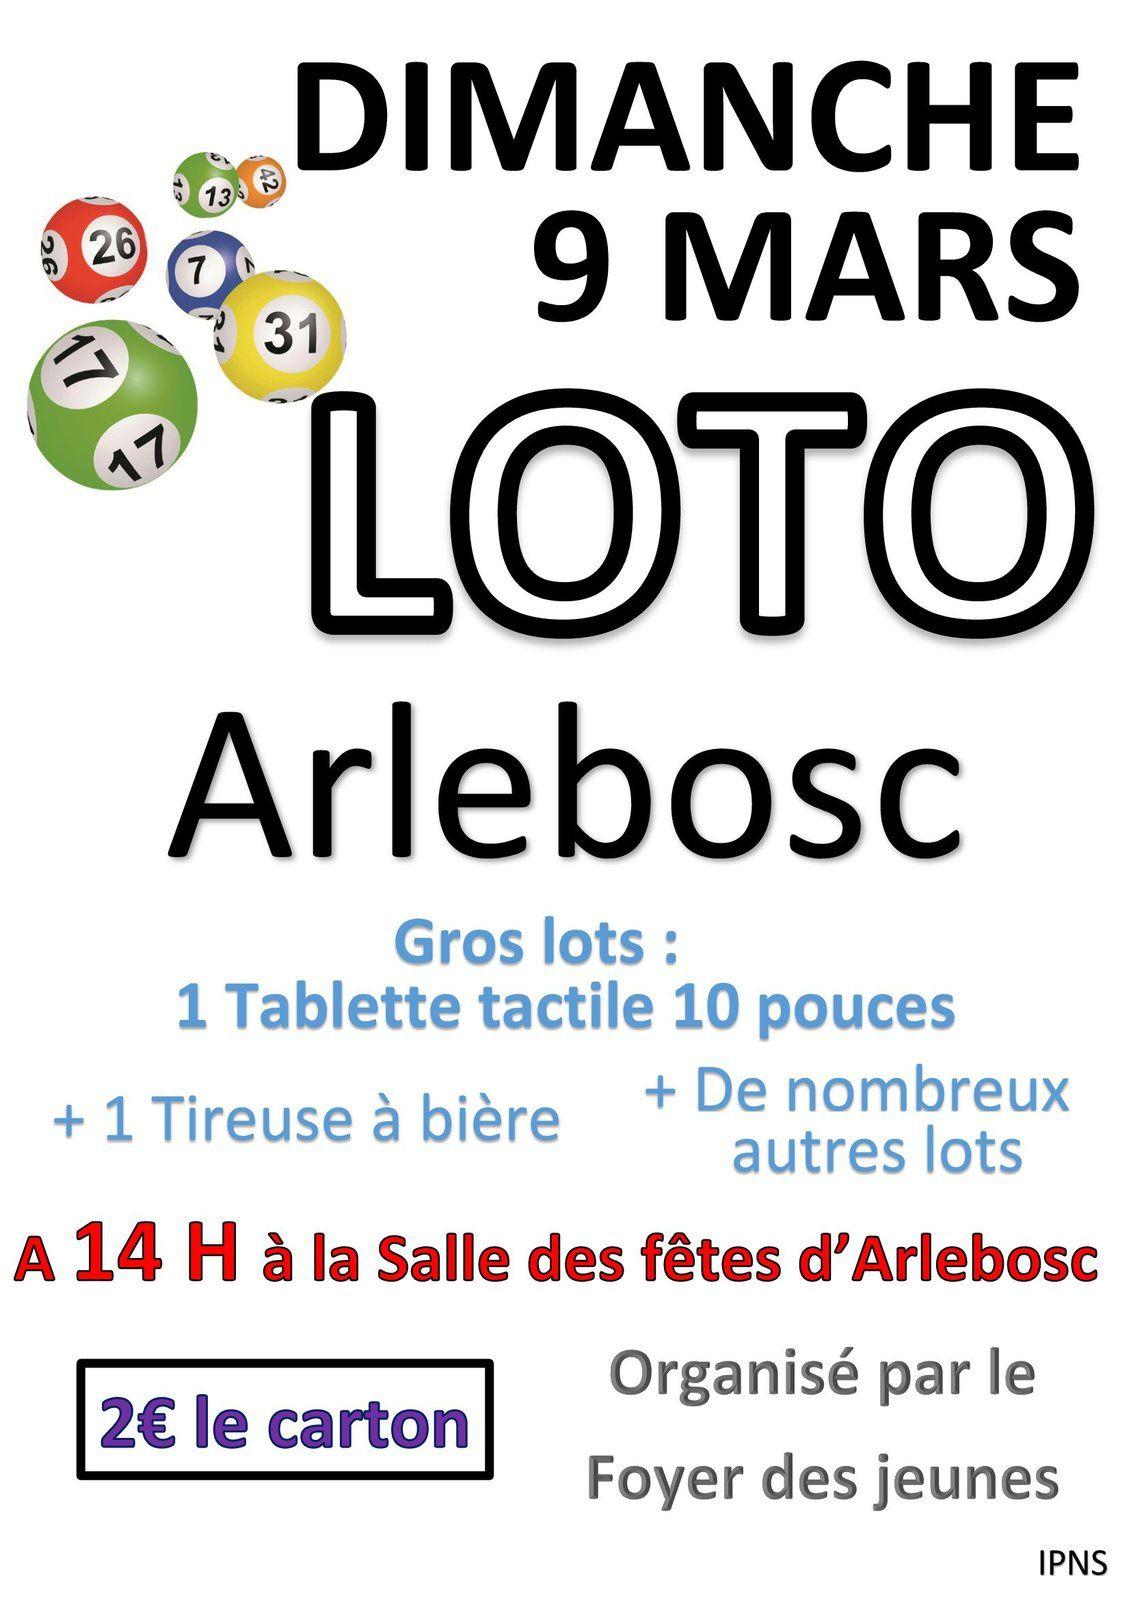 Loto du Foyer des Jeunes : dimanche 9 mars 2014